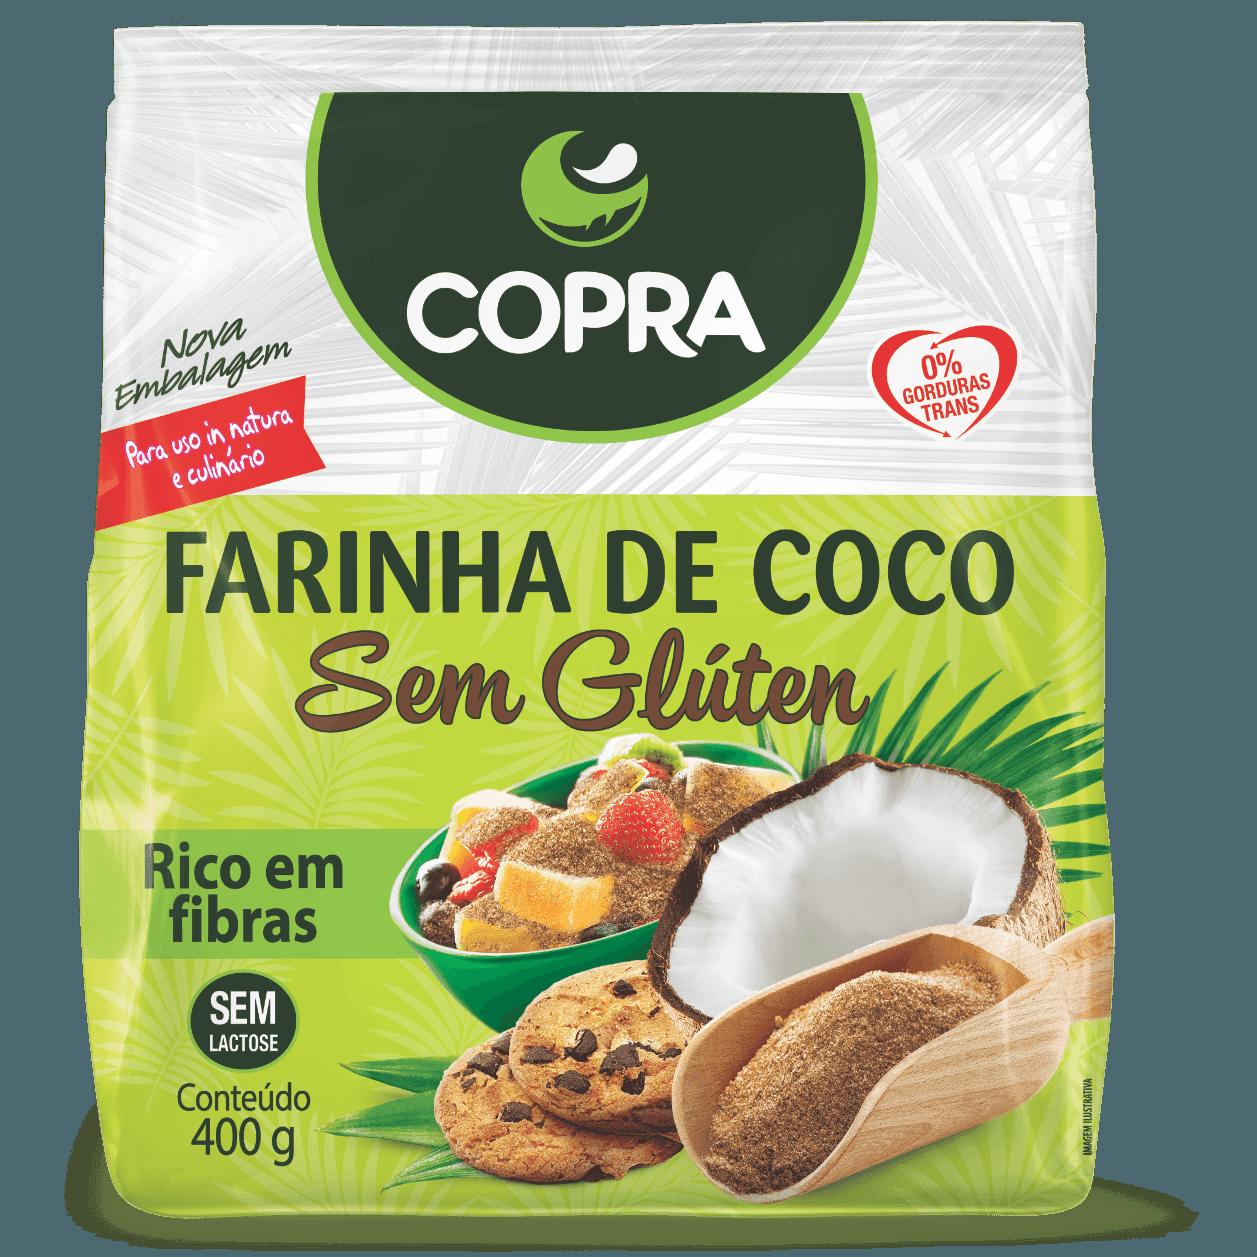 Farinha de Coco SEM GLÚTEN Copra 400g - ESGOTADO